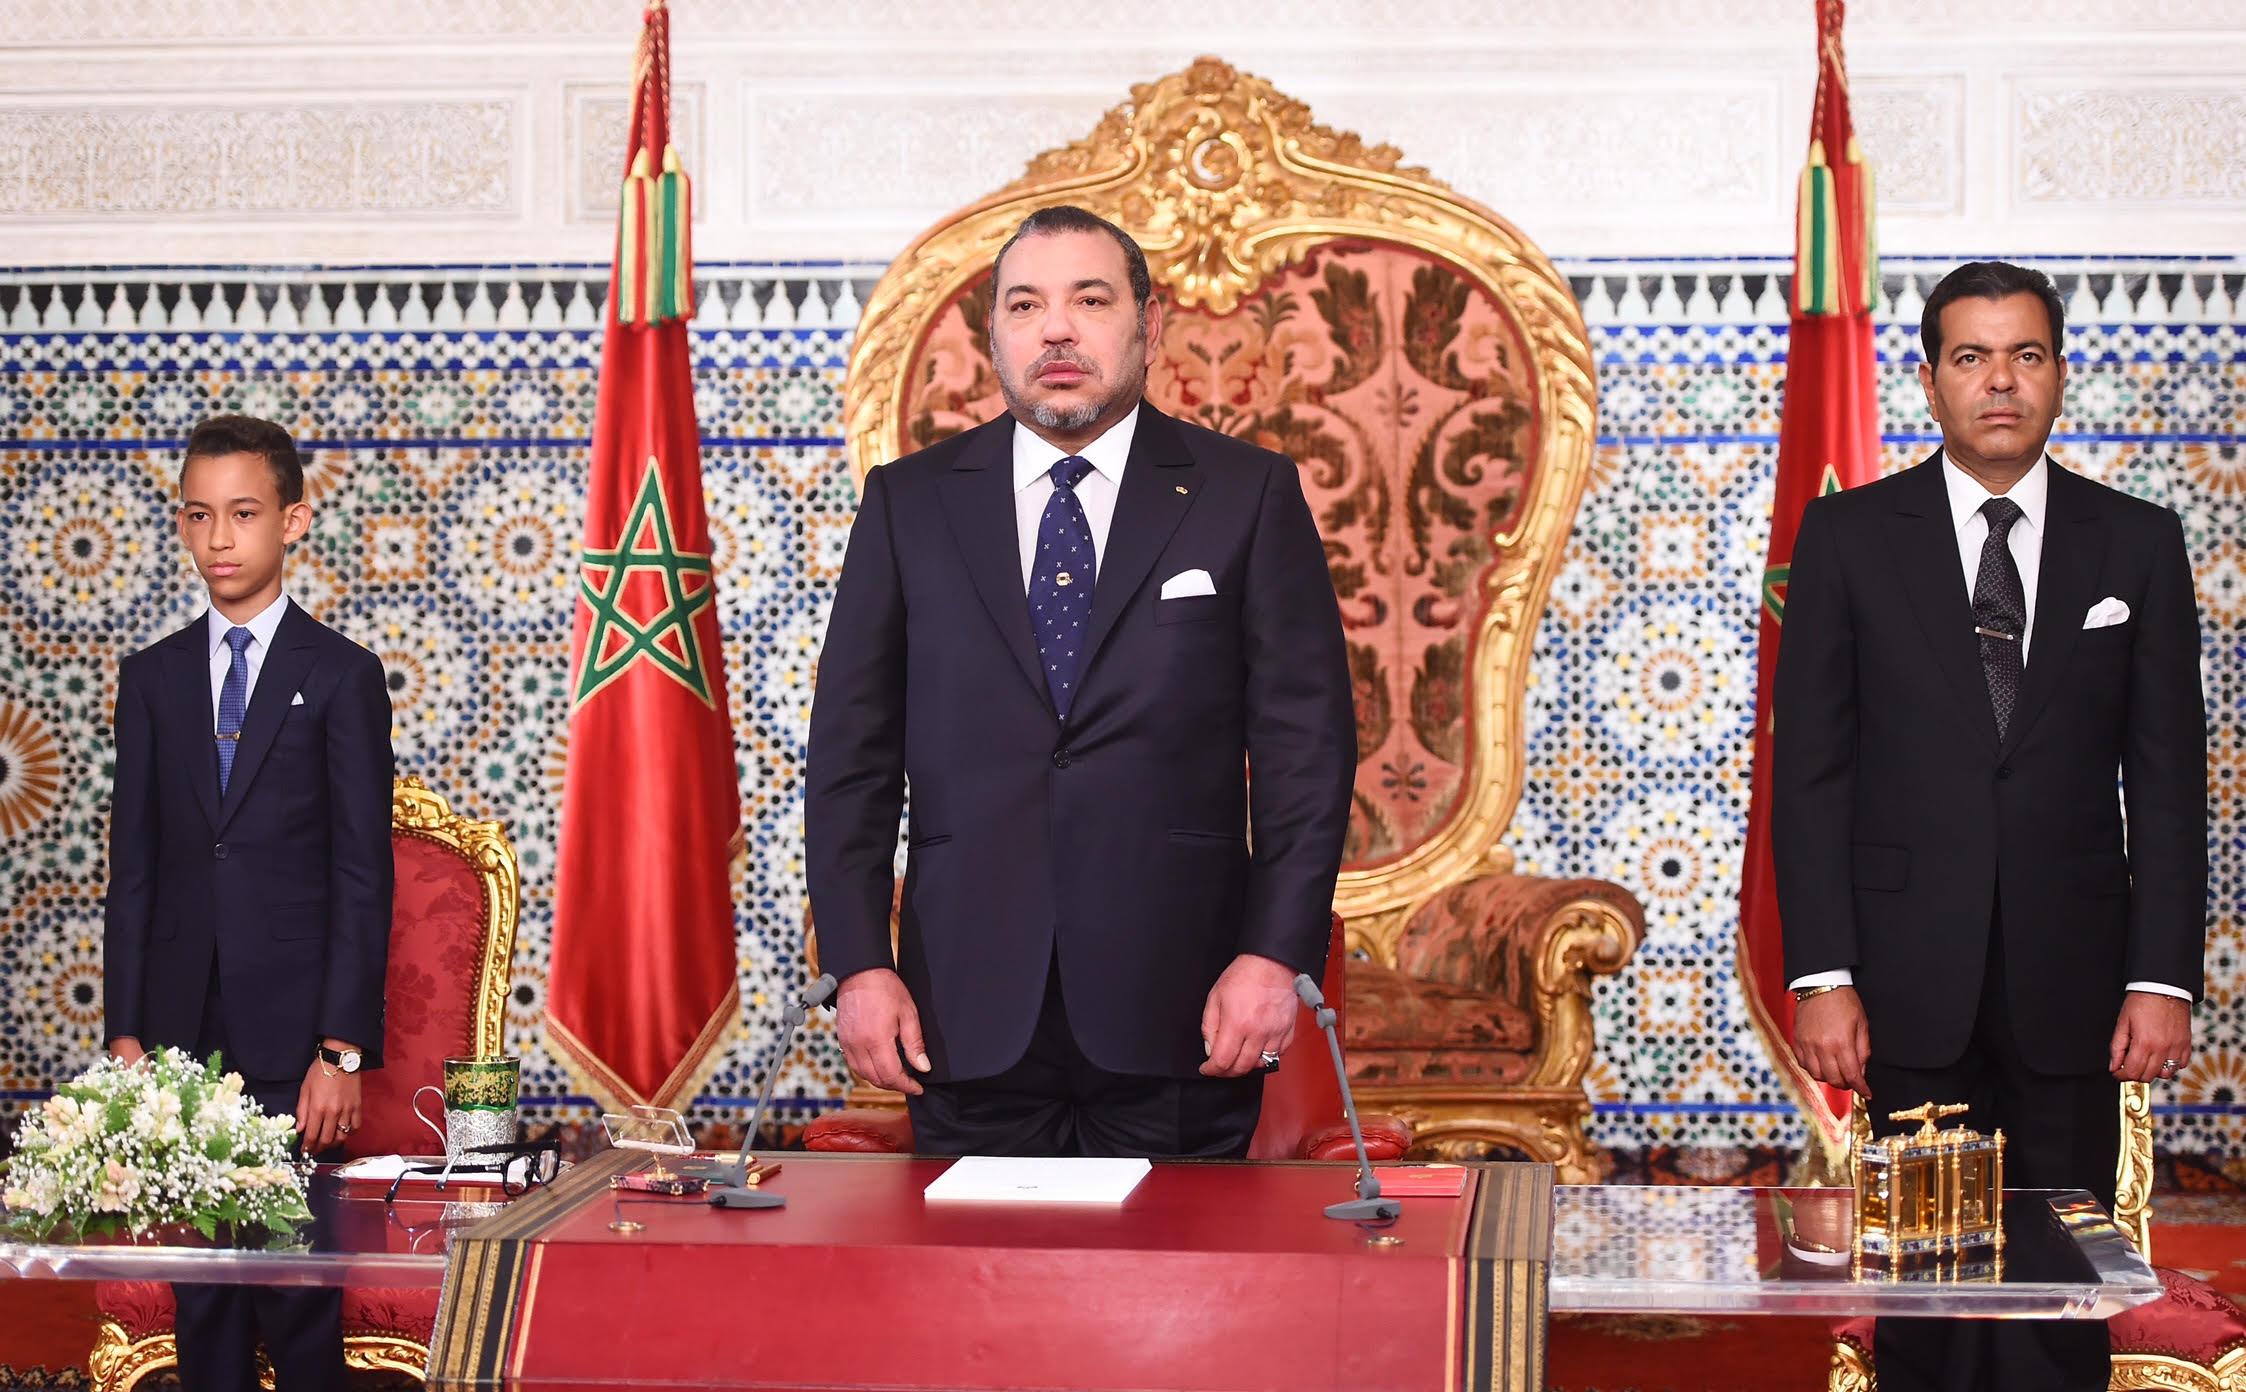 الملك يؤكد أهمية التعاون الاقتصادي للمغرب مع بلدان افريقيا ويدعو لحل أزمات الشرق الأوسط